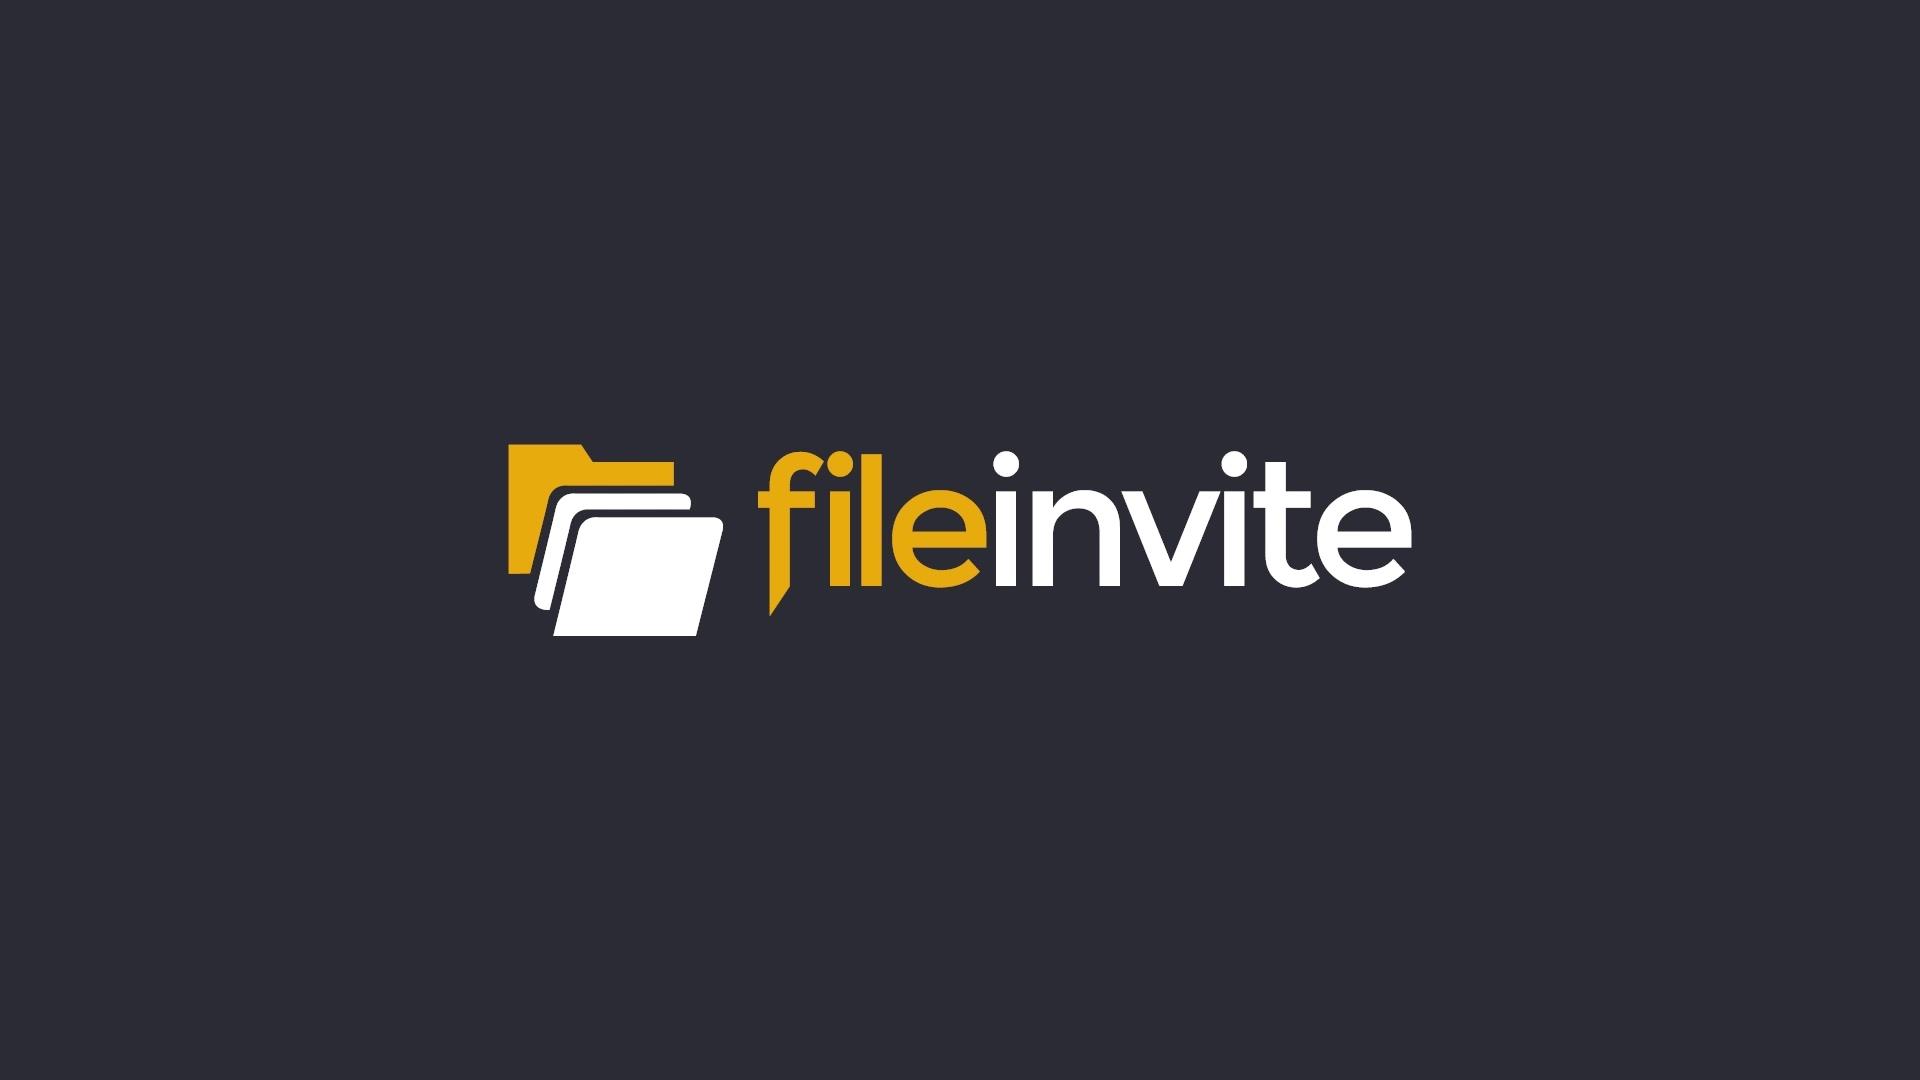 FileInvite Demo 2022